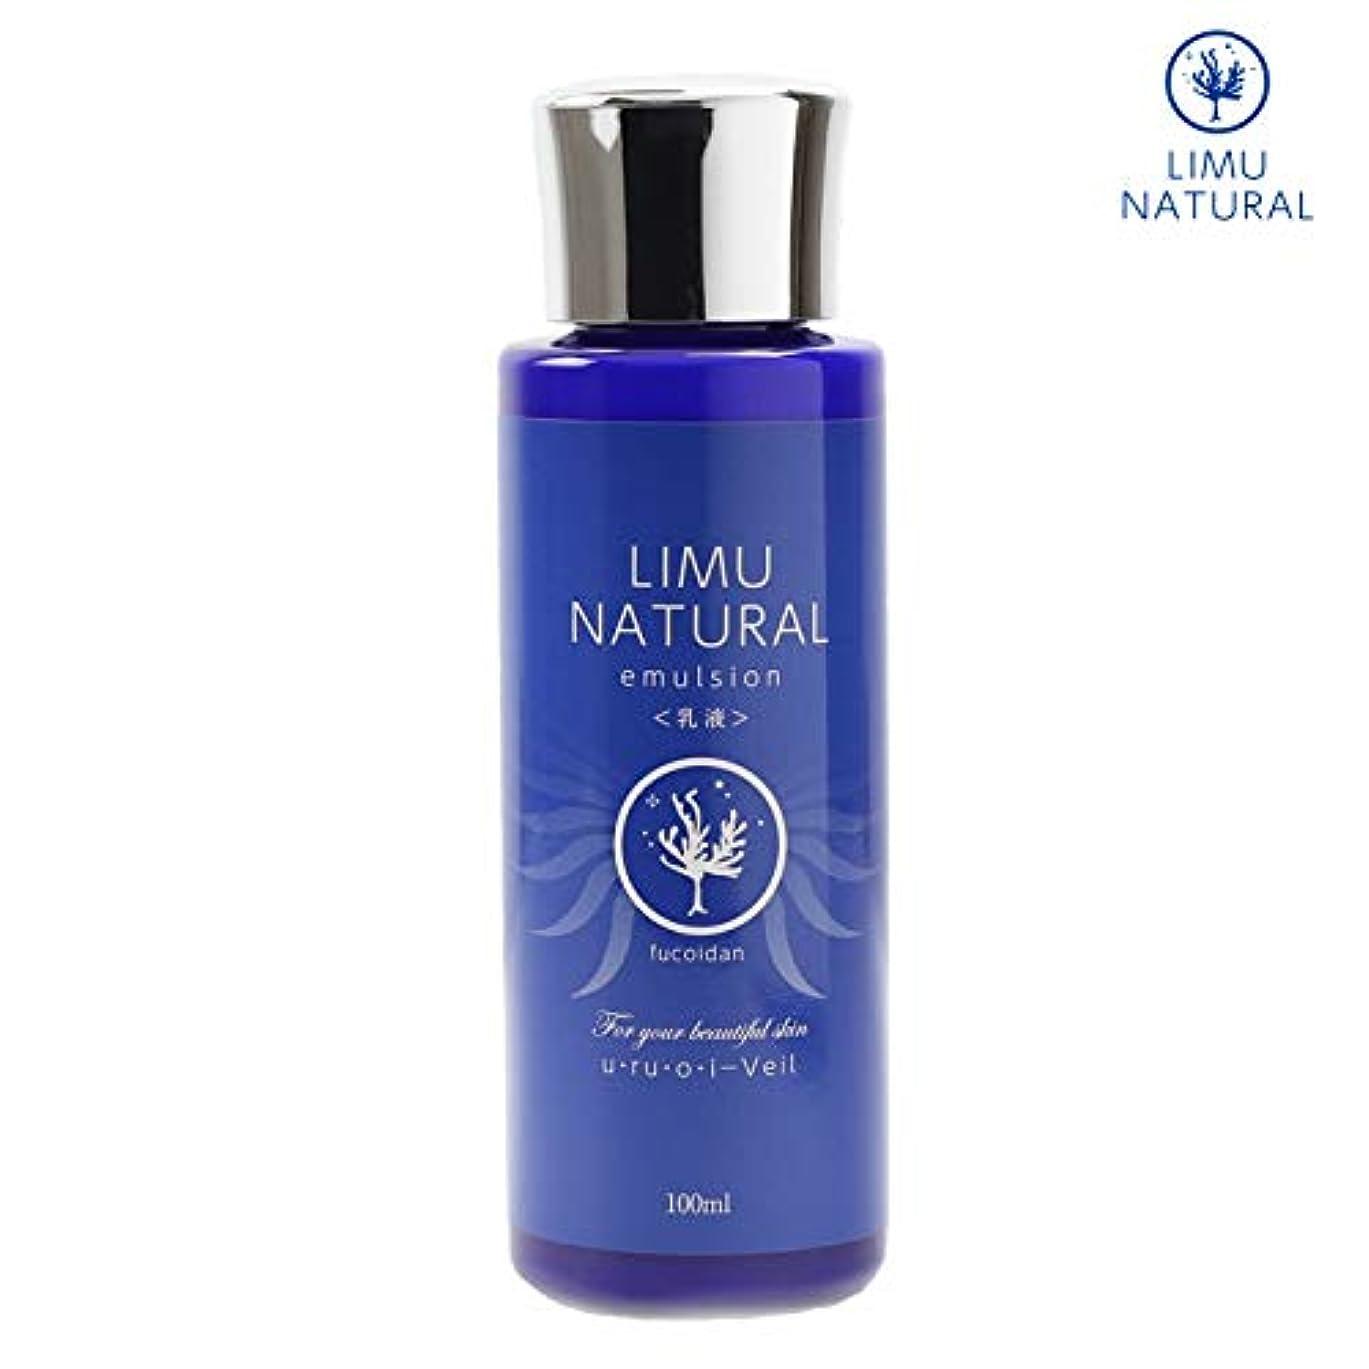 パシフィックこしょうコアリムナチュラル 乳液 LIMU NATURAL EMULSION (100ml) 海の恵「フコイダン」と大地の恵「グリセリルグルコシド」を贅沢に配合